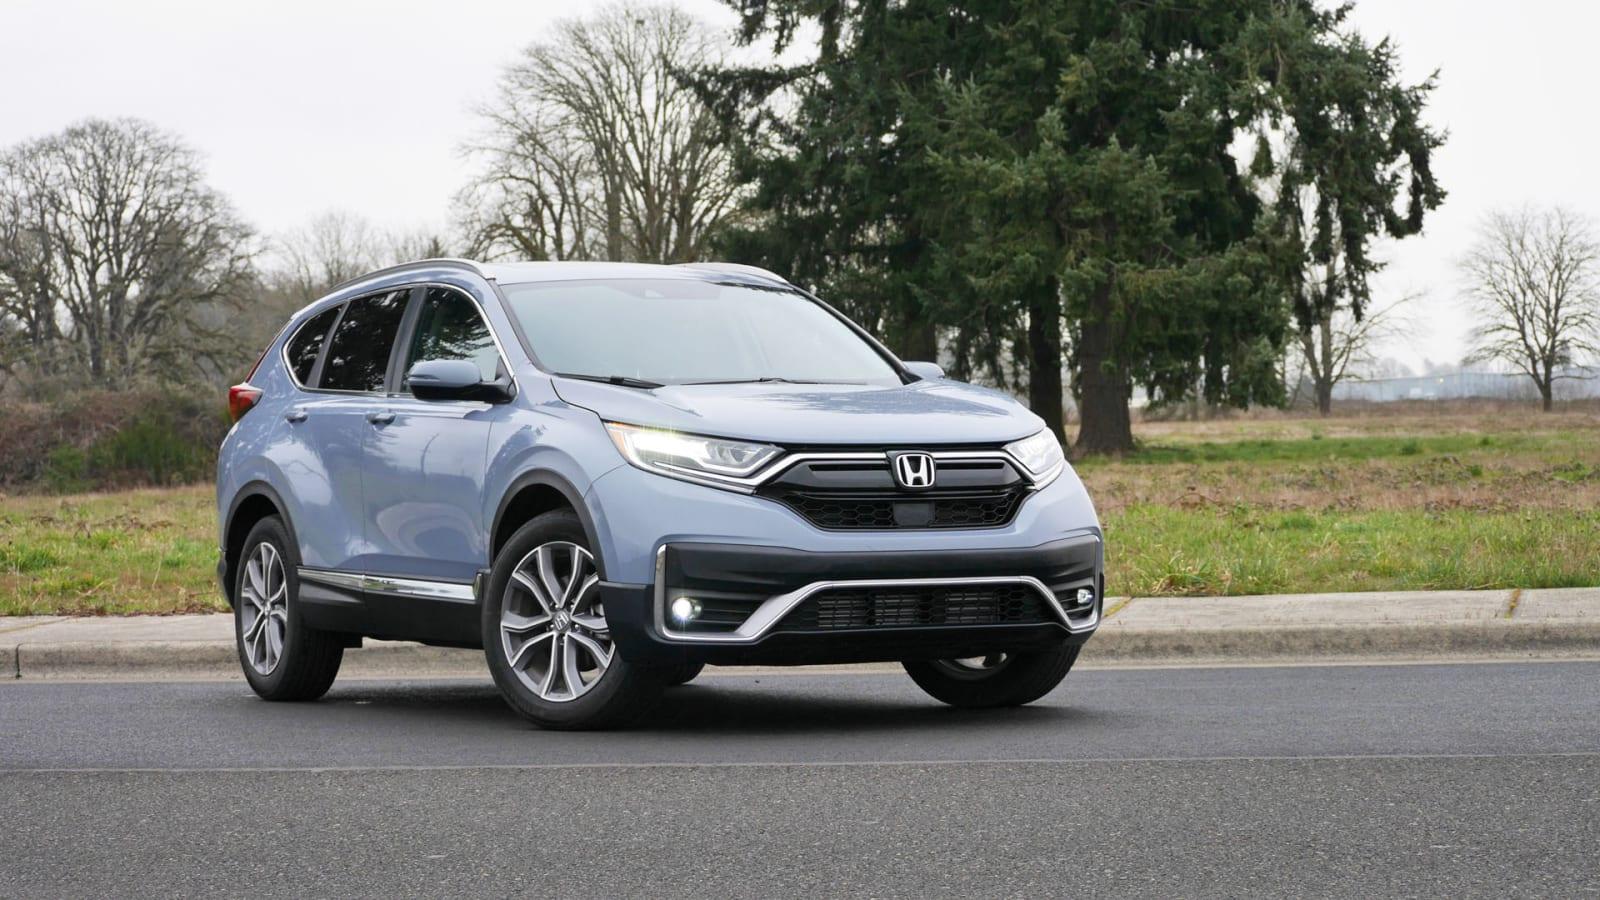 2021 Honda CR-V Touring in light blue